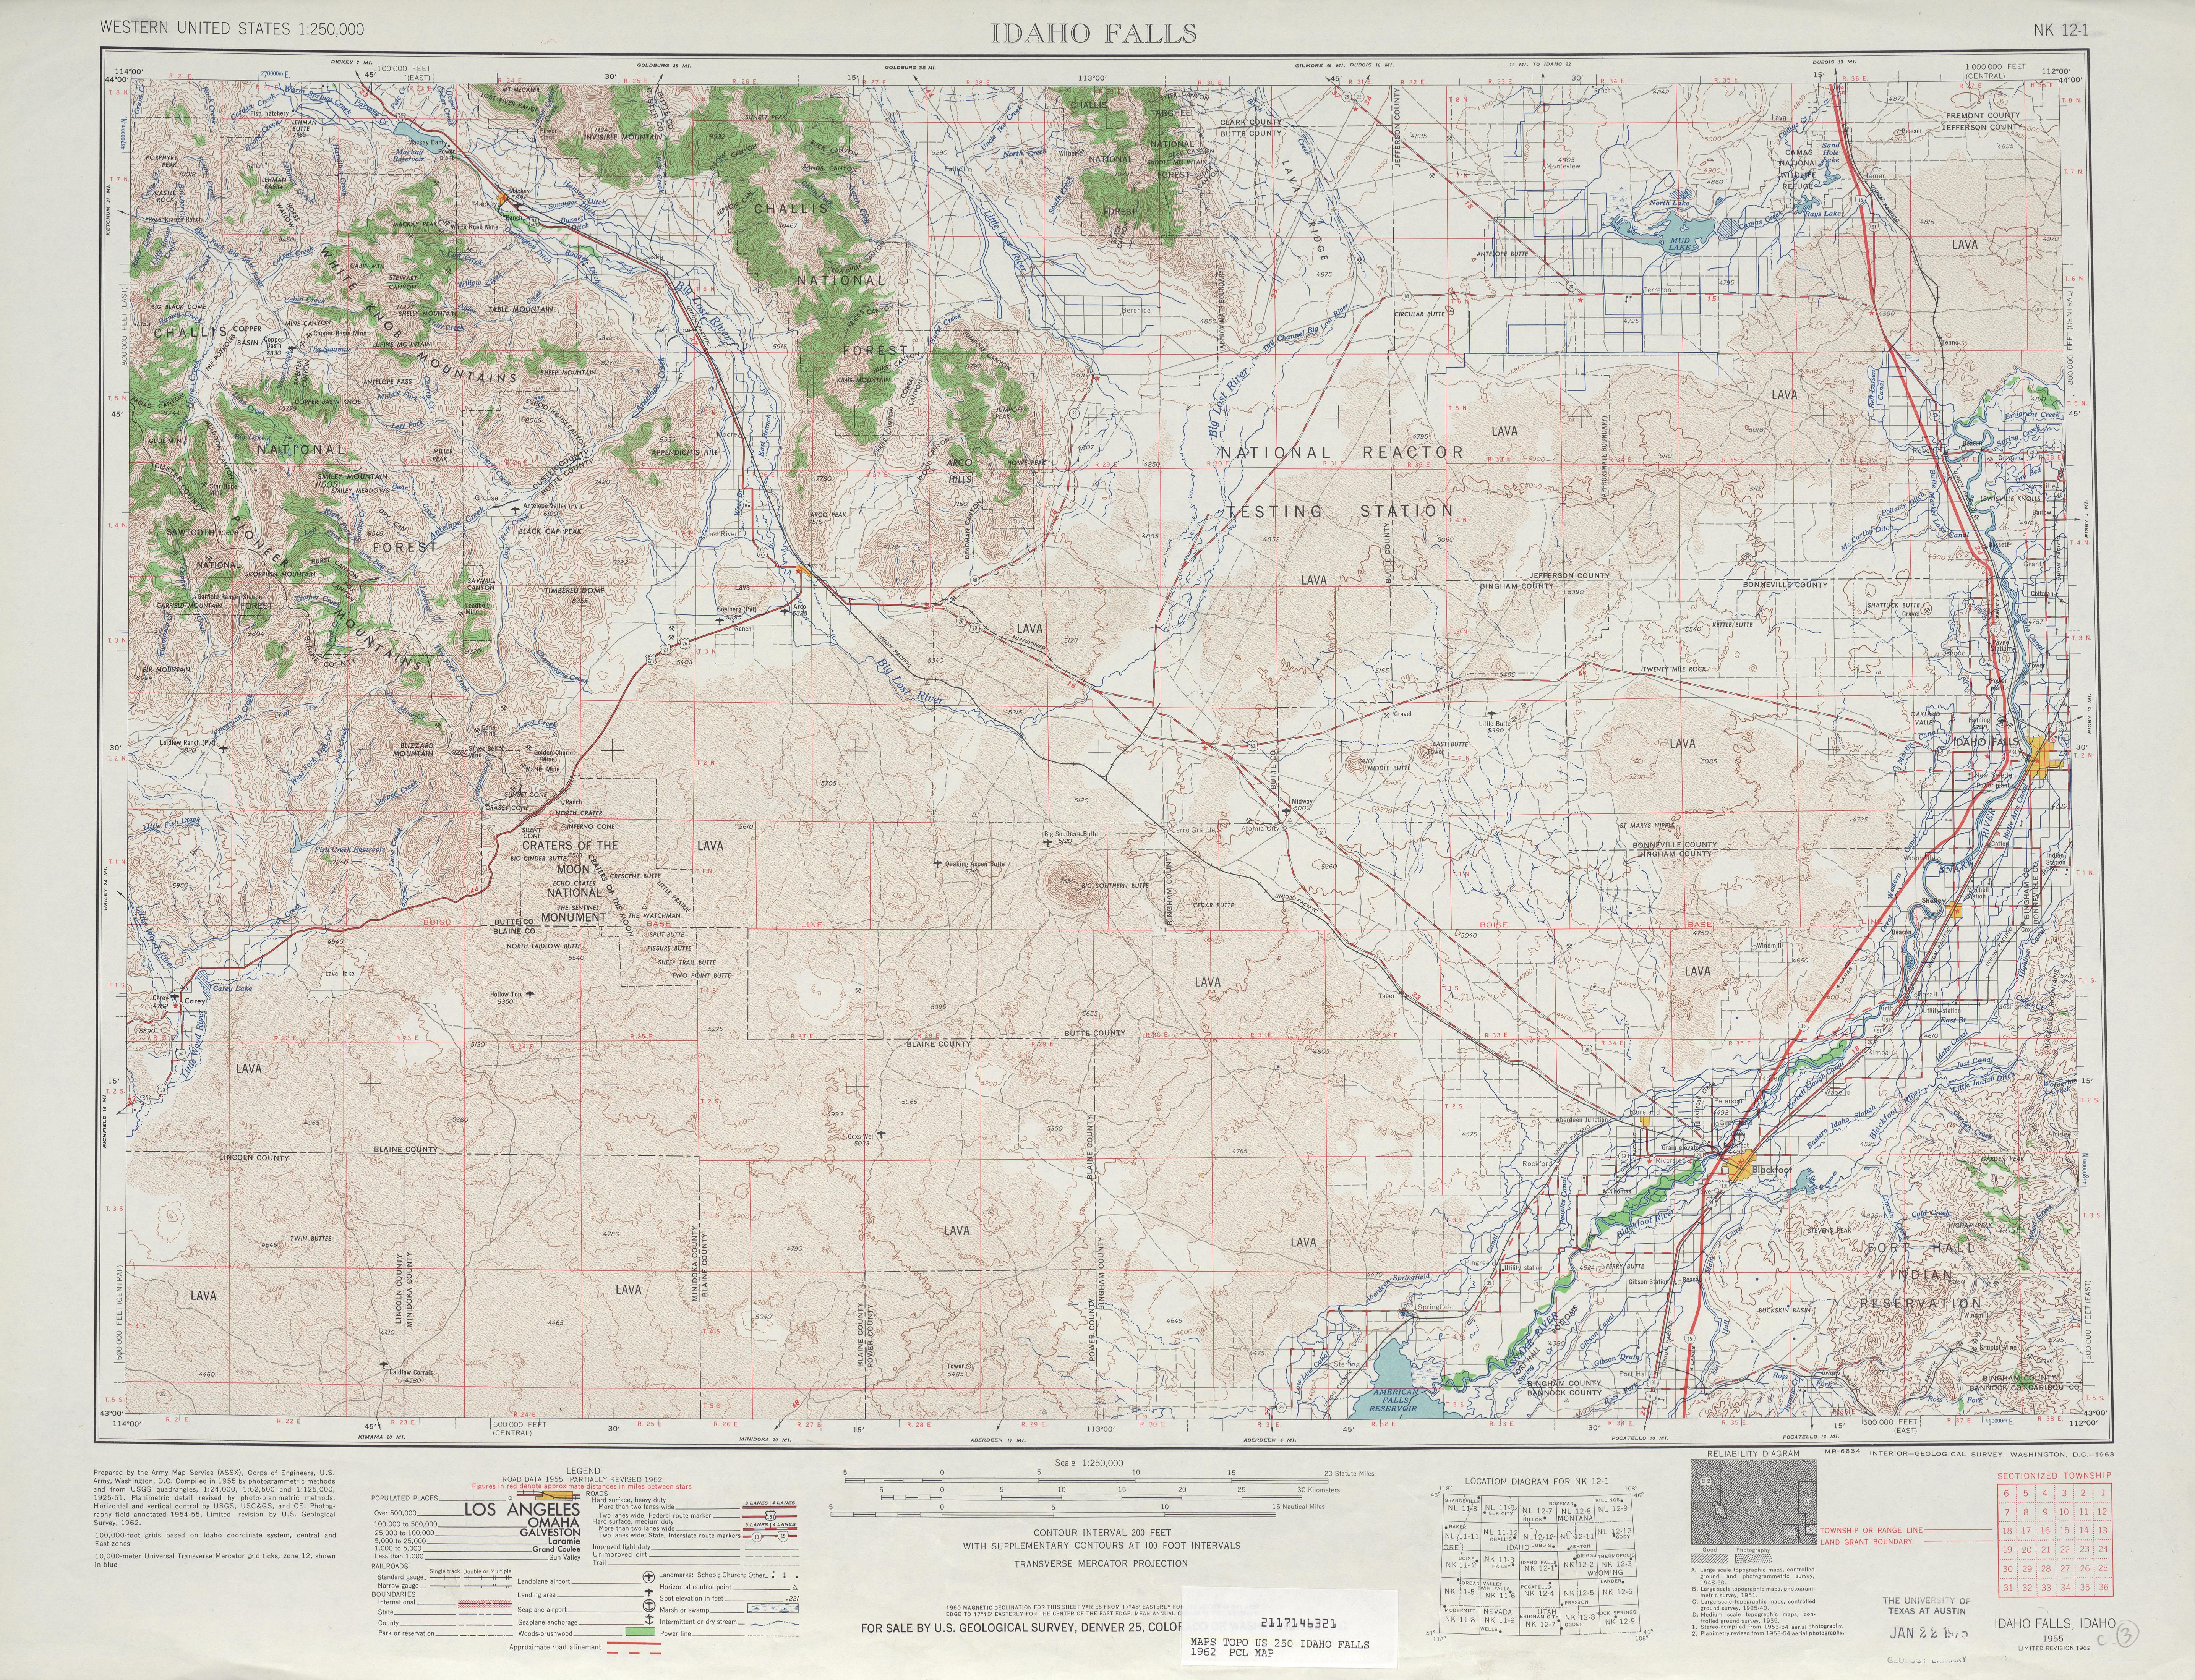 Hoja Idaho Falls del Mapa Topográfico de los Estados Unidos 1962